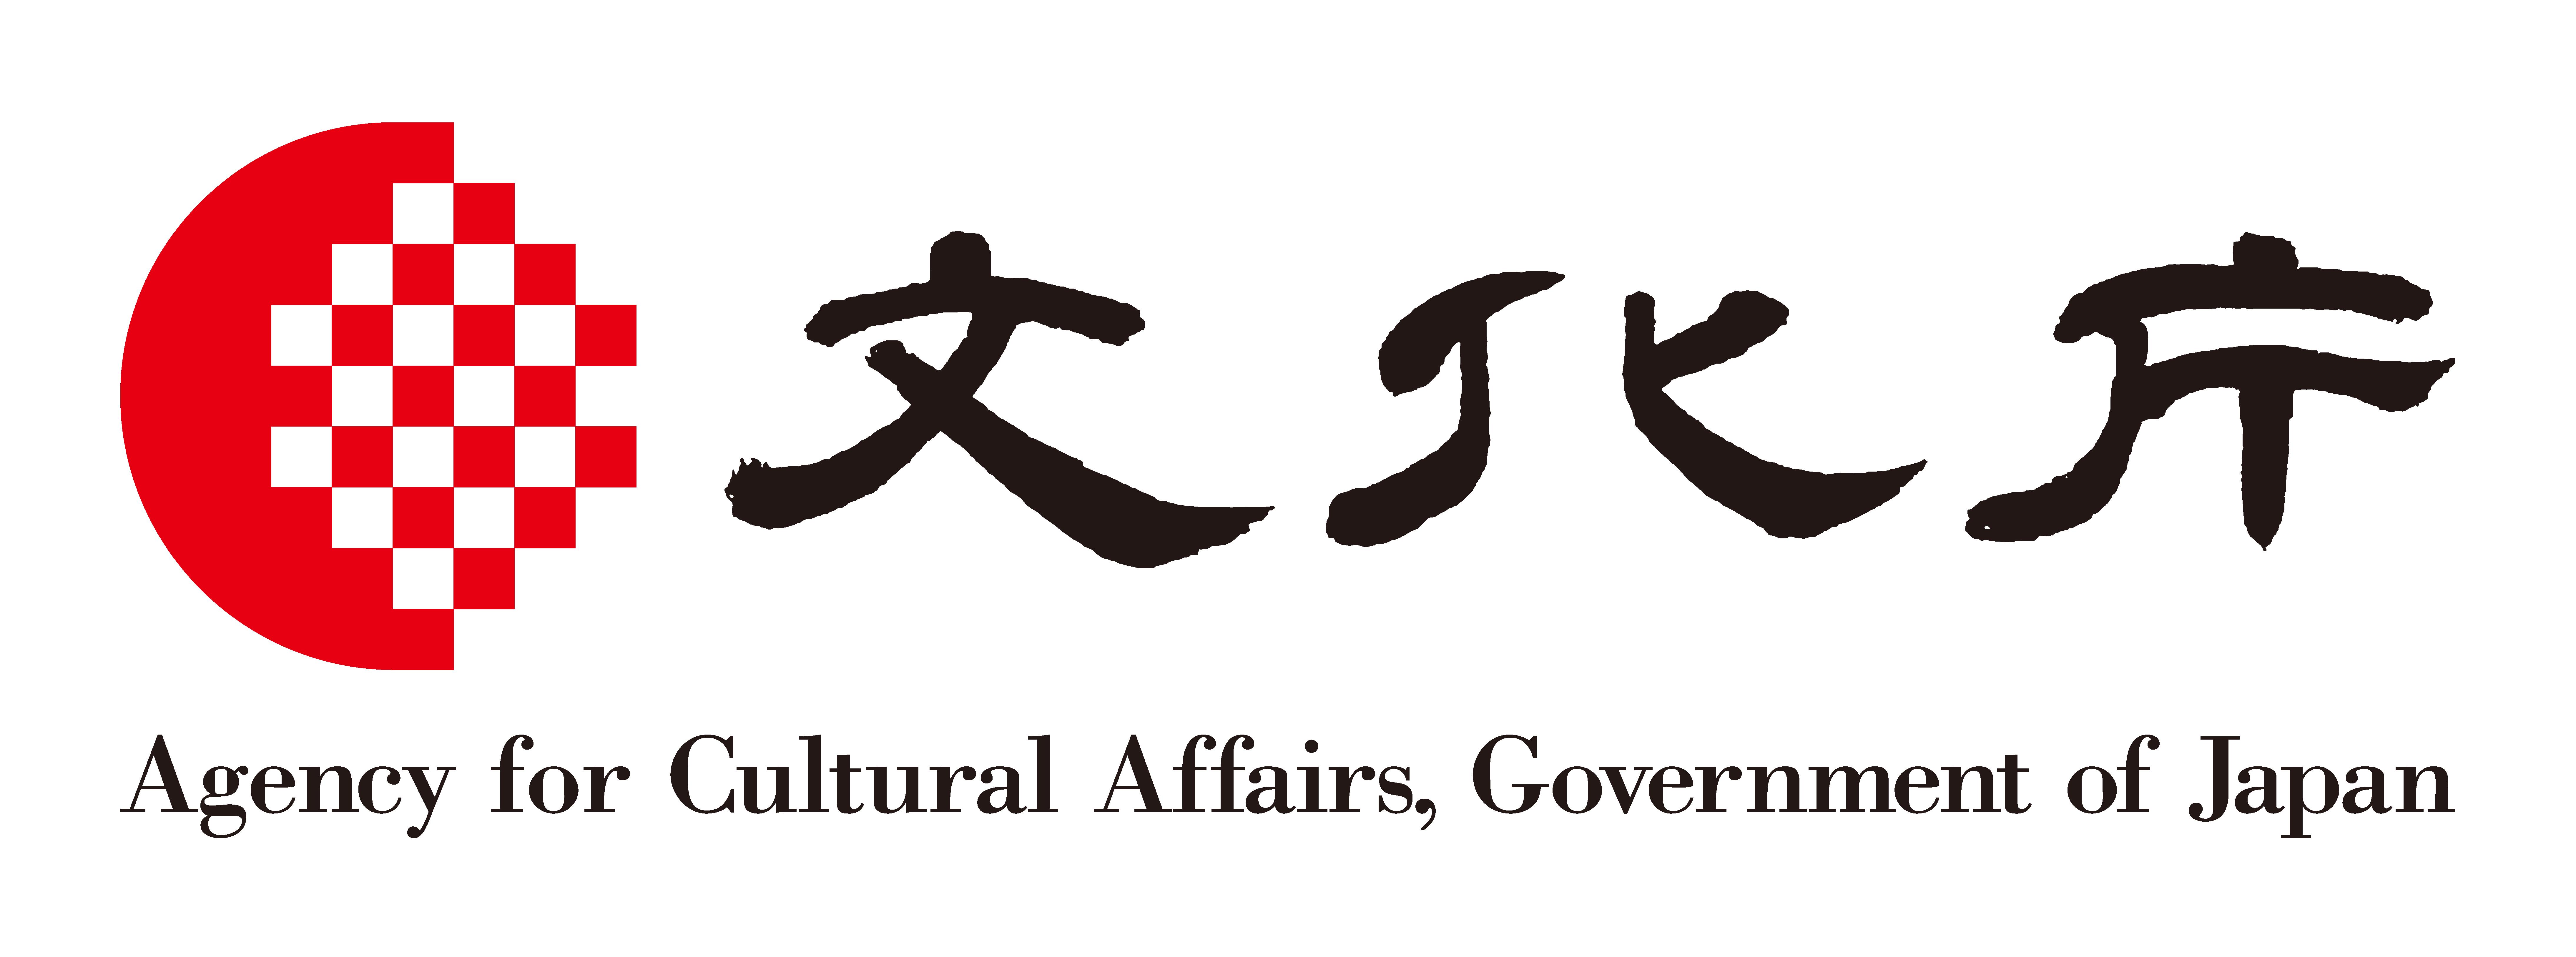 令和2年度戦略的芸術文化創造推進事業『文化芸術収益力強化事業』